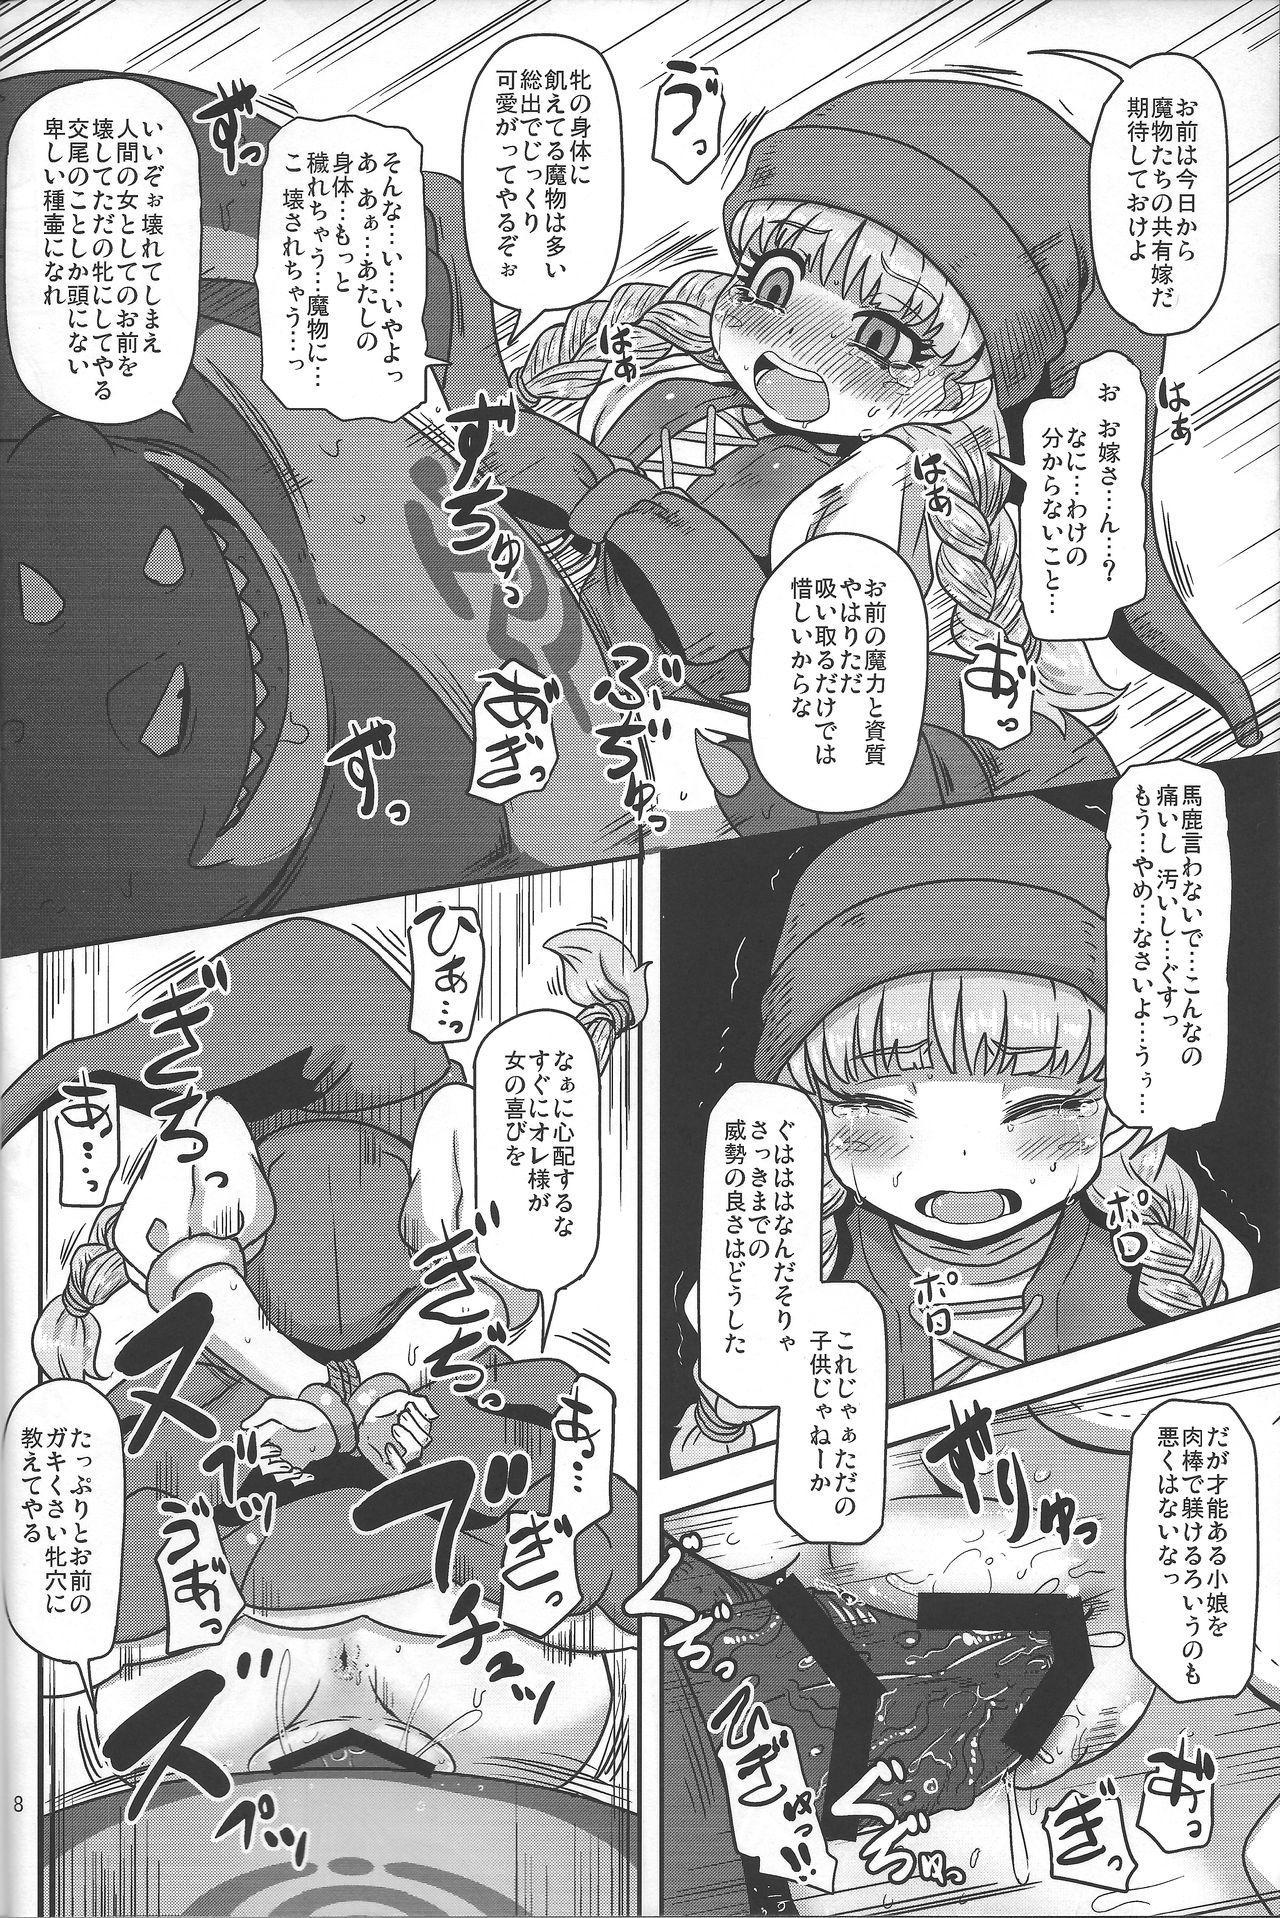 Tensai Mahoutsukai no Sei Jijou 6